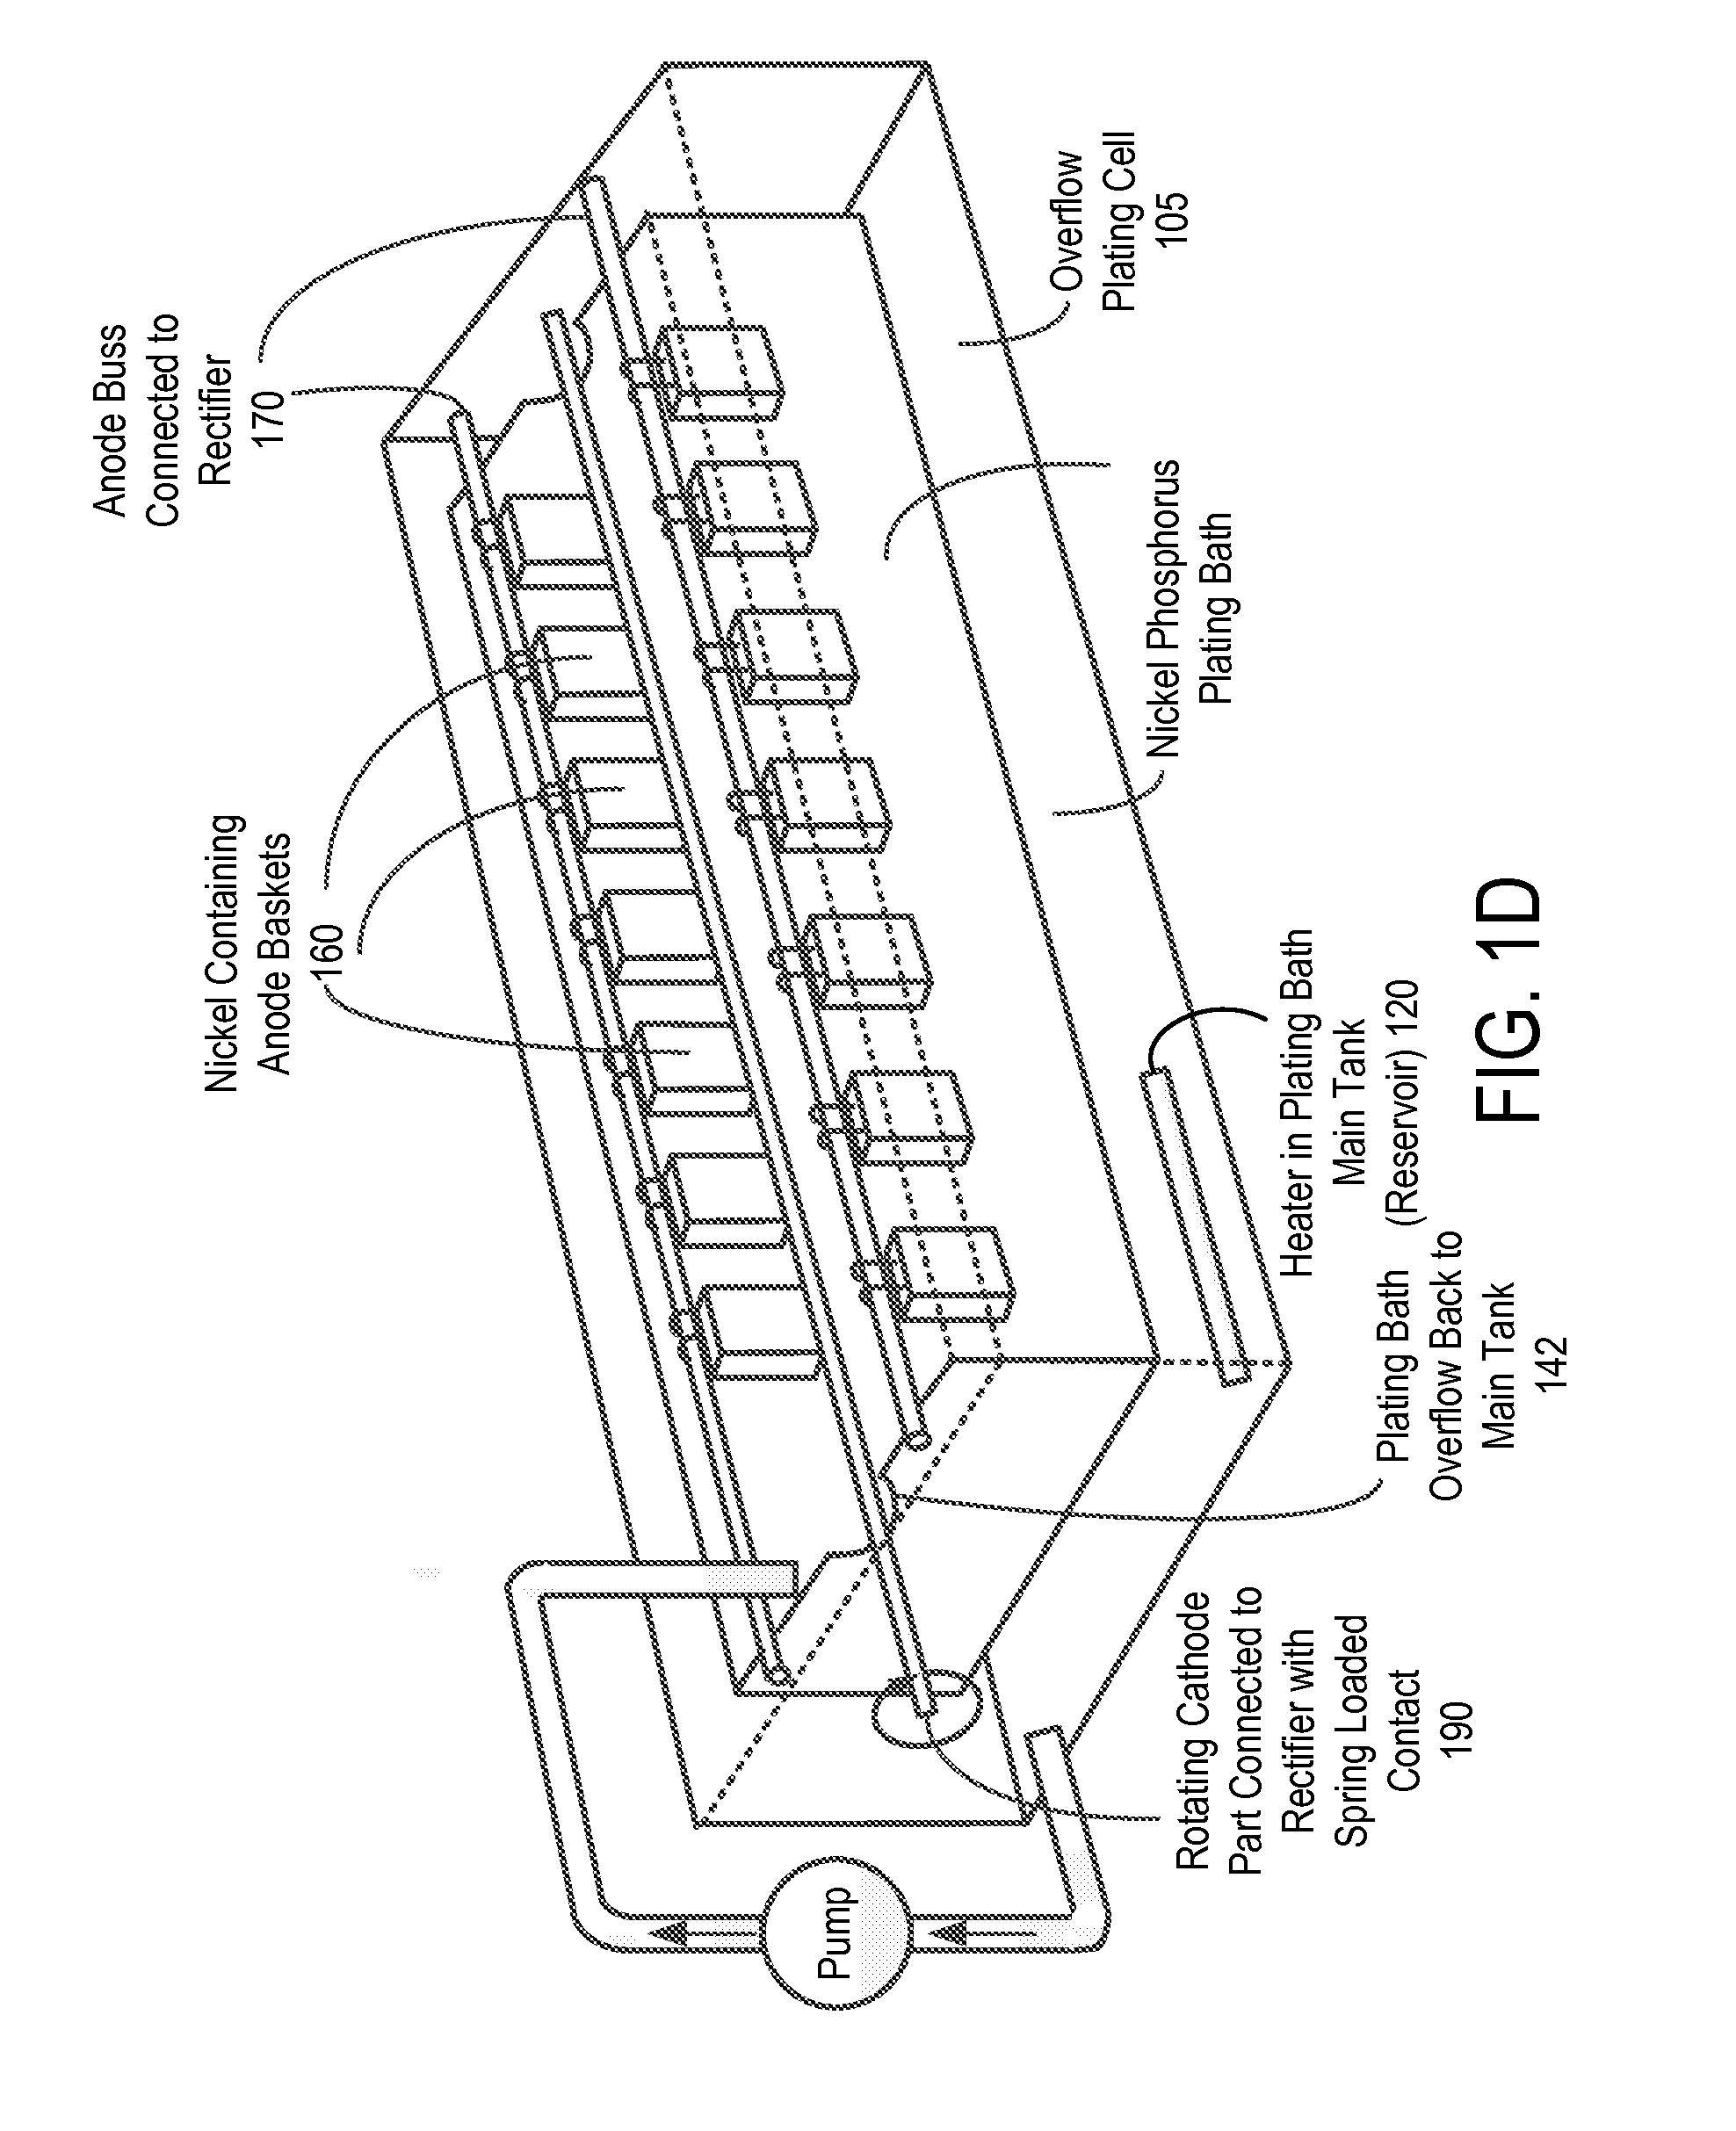 vo mercruiser y pipe diagram  engine  auto parts catalog